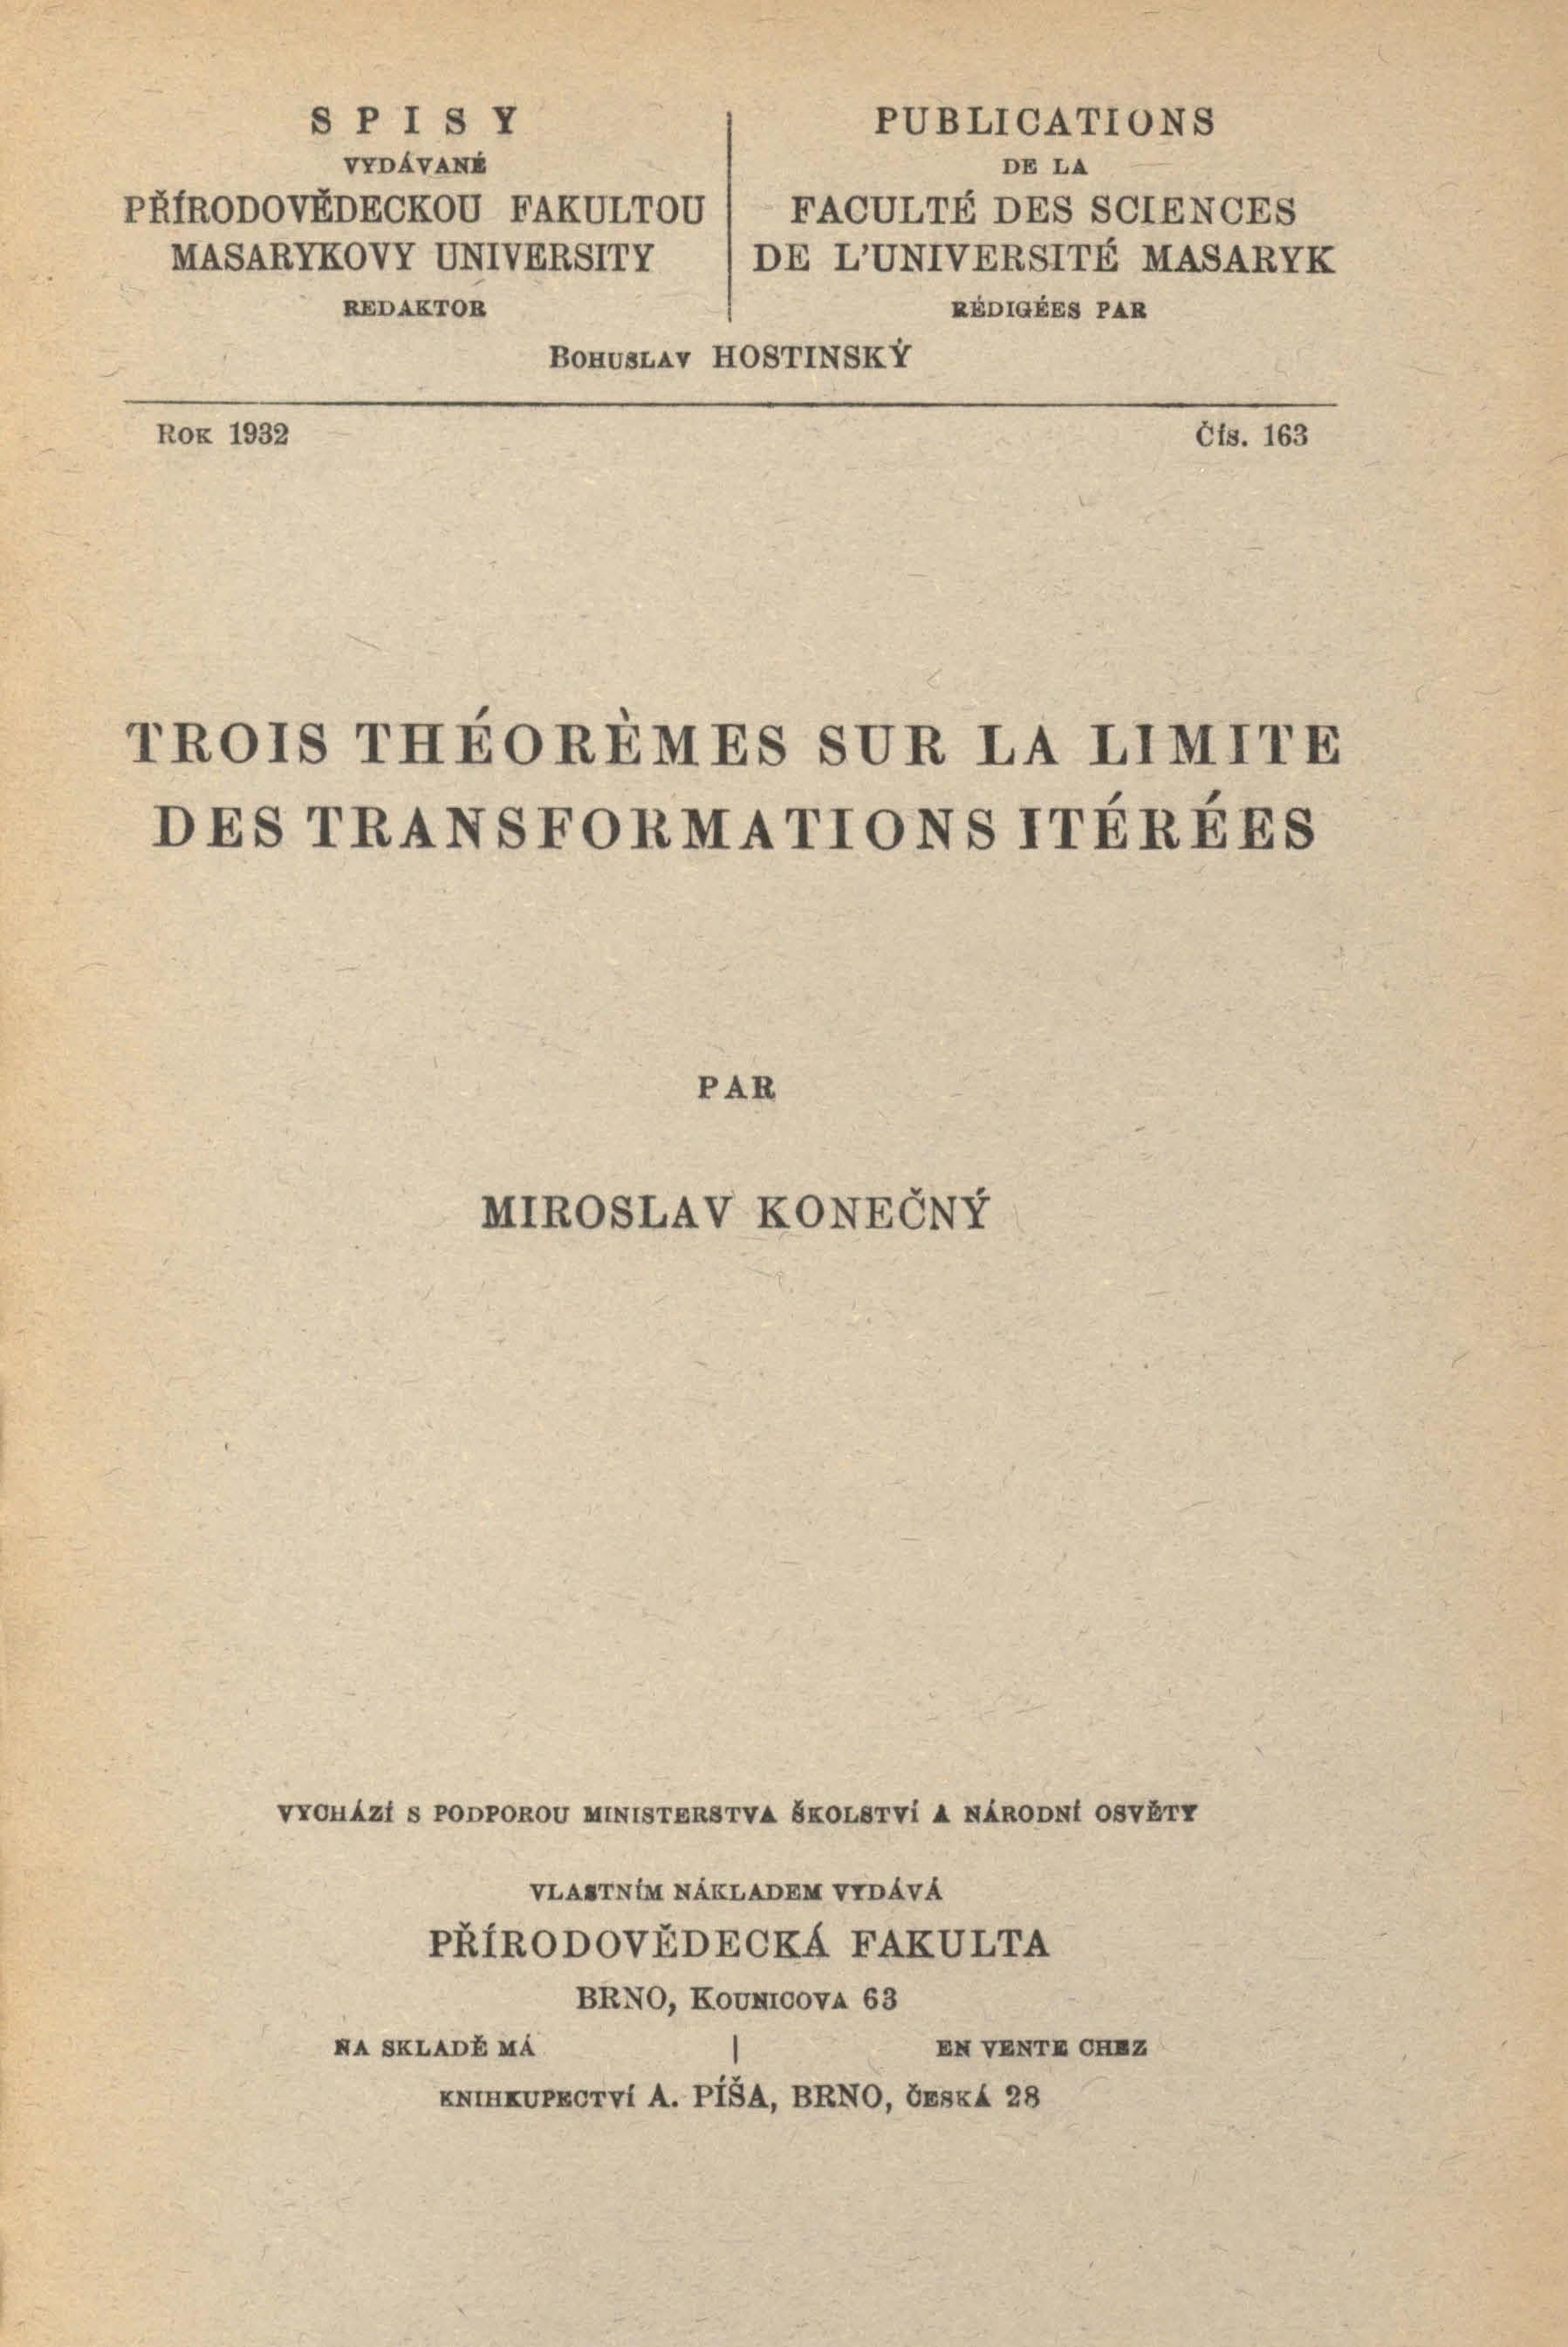 Obálka pro Trois théoremes sur la limite des transofrmations itérées